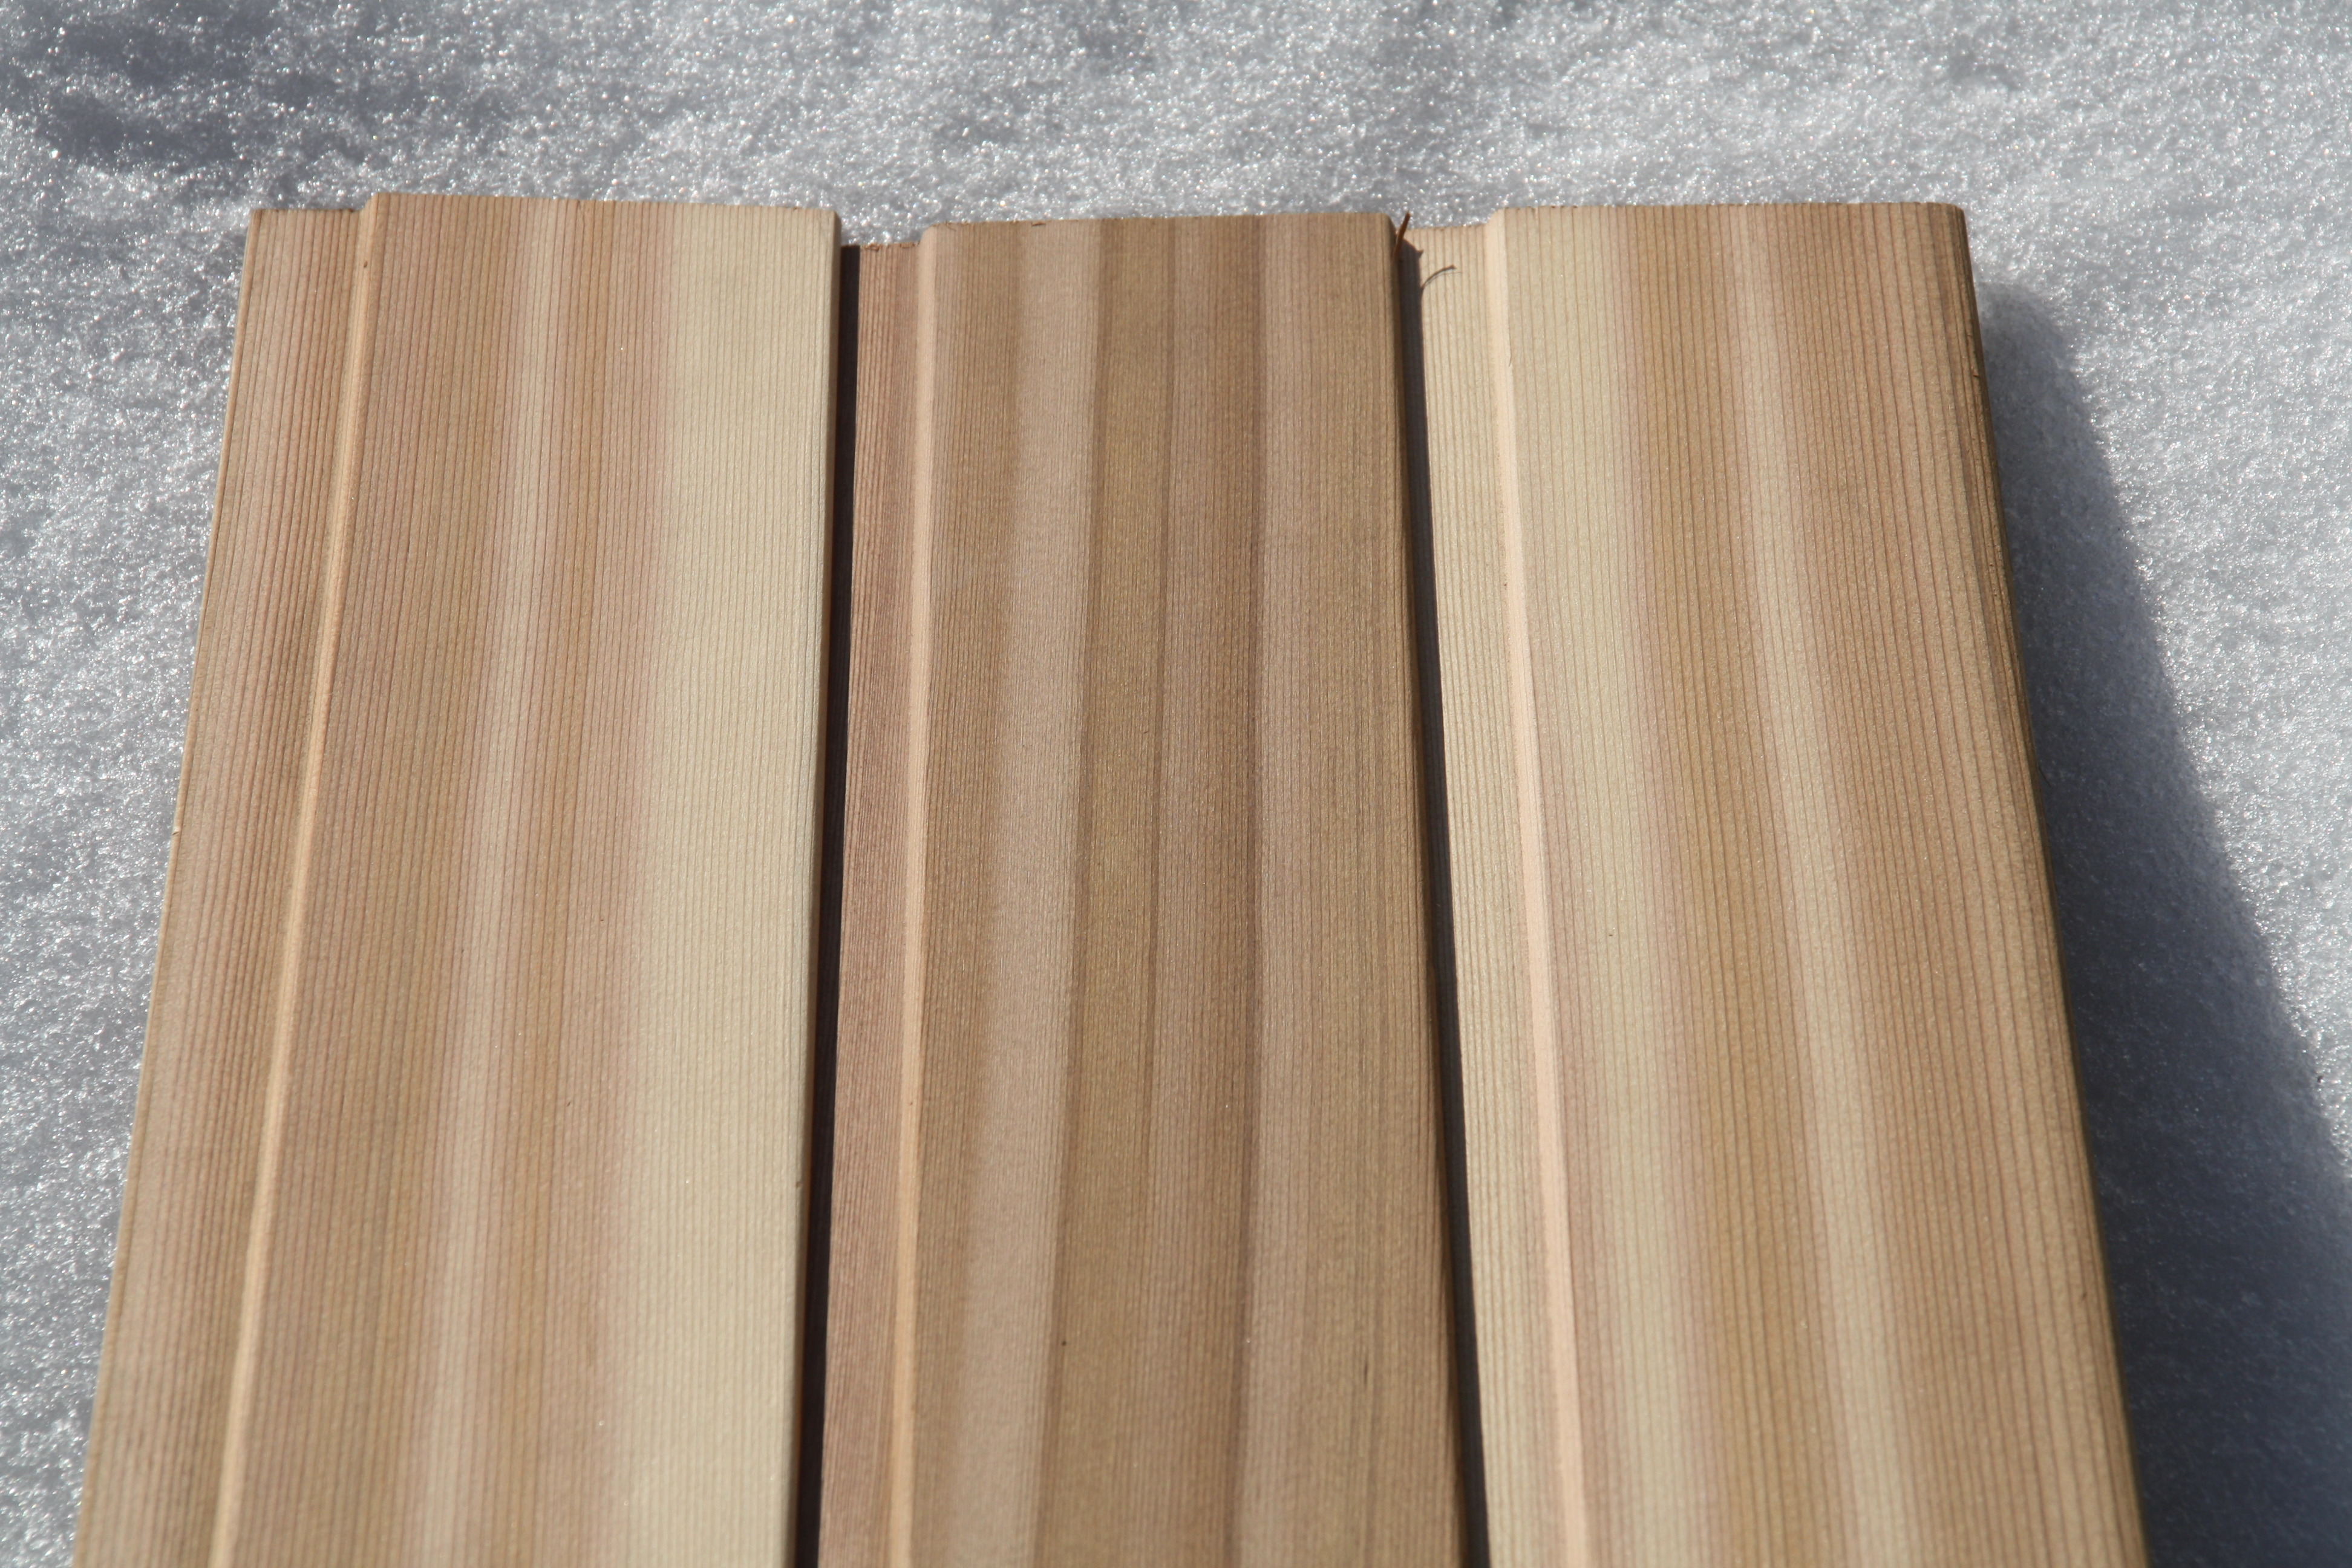 lambri pvc pour plafond salle de bain devis gratuits mulhouse soci t ojuwvm. Black Bedroom Furniture Sets. Home Design Ideas